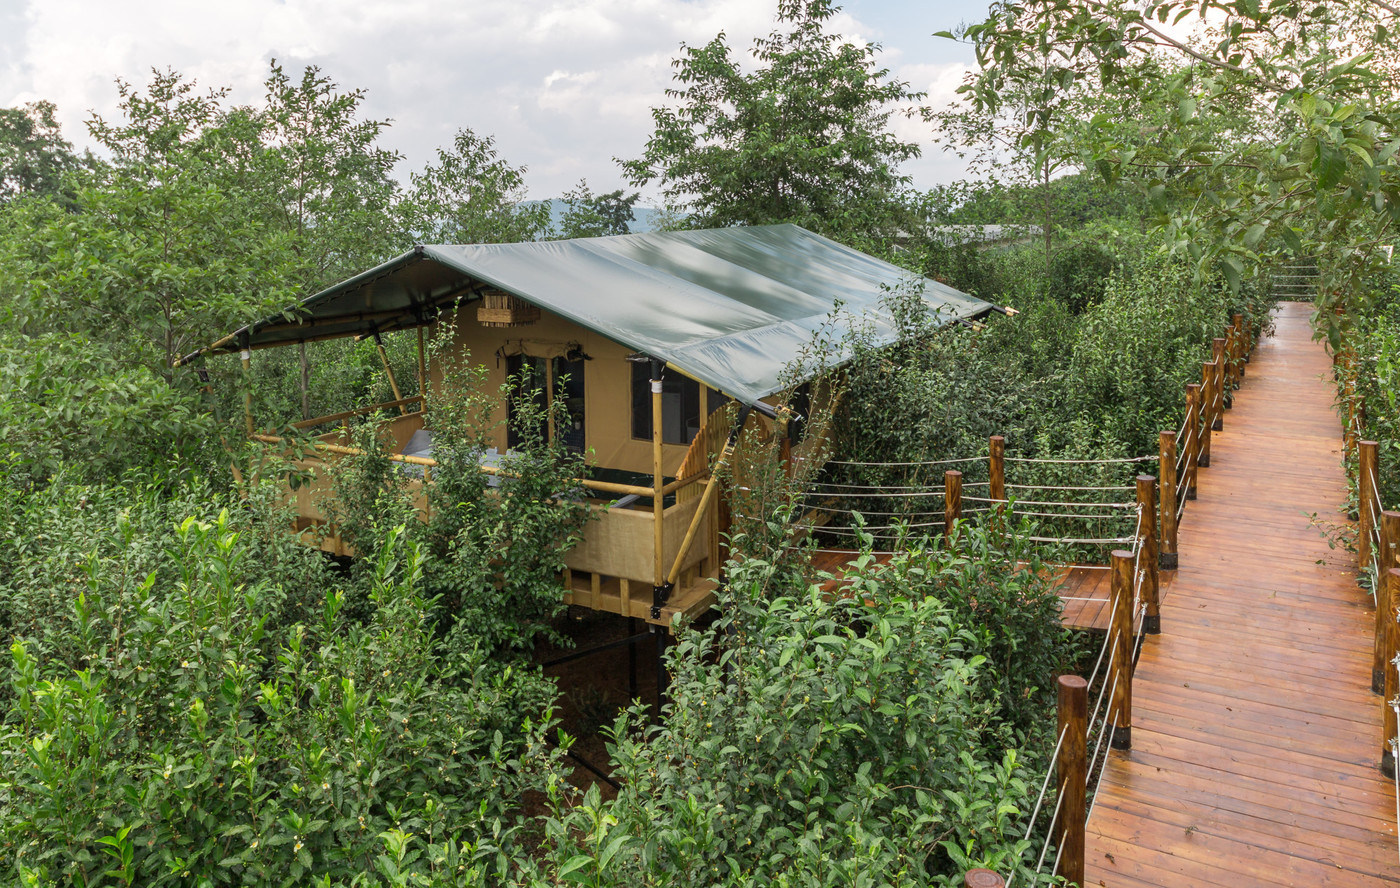 喜马拉雅野奢帐篷酒店—云南腾冲高黎贡山茶博园4